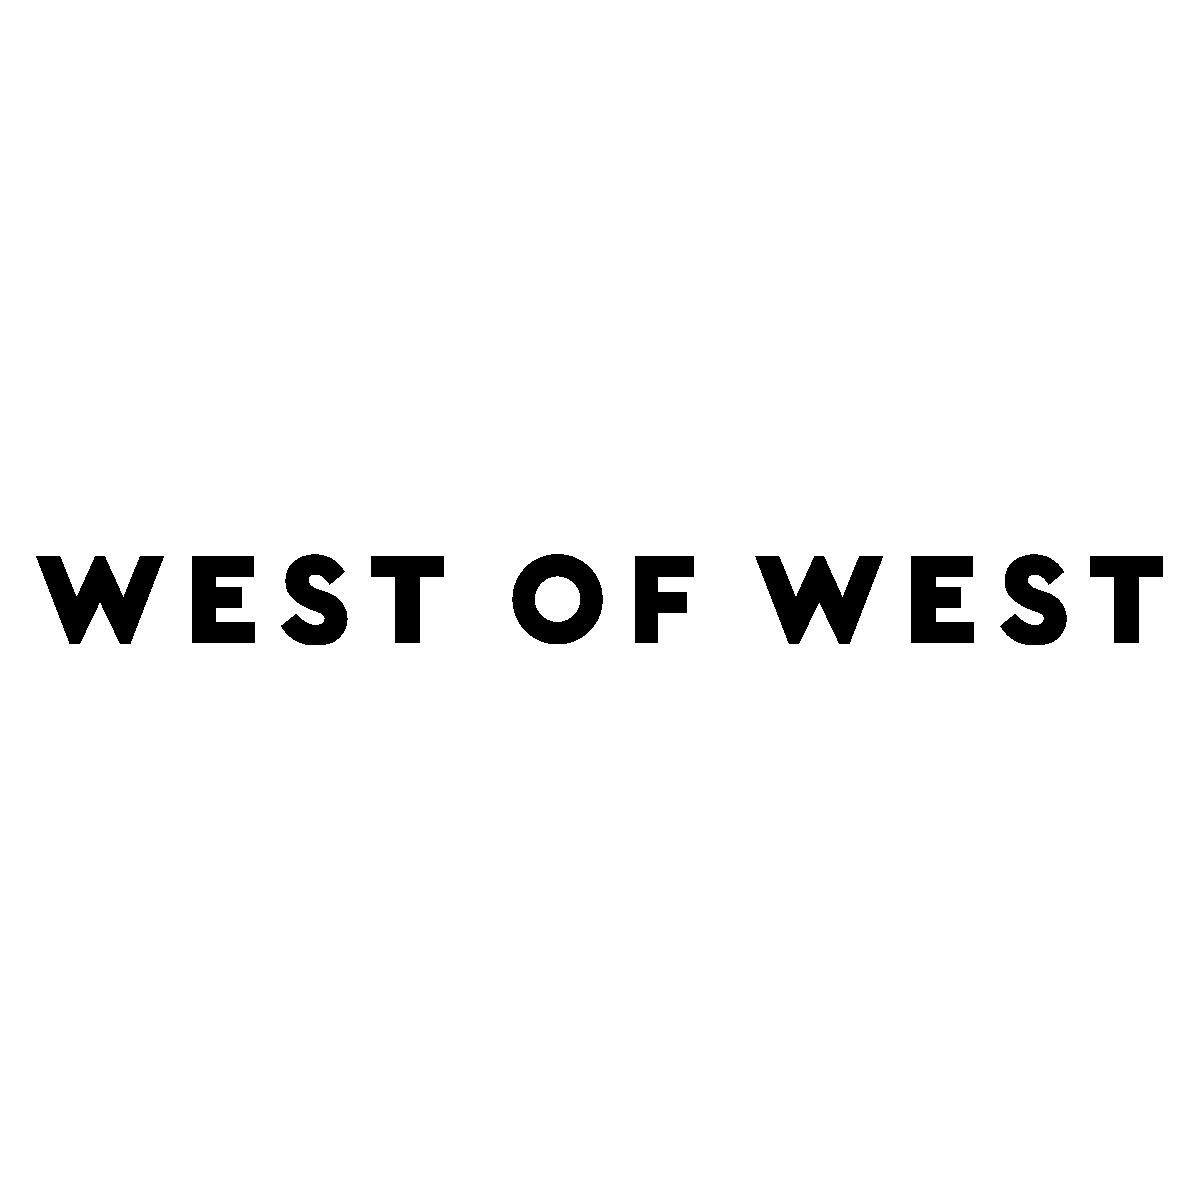 WestofWest2-01.png